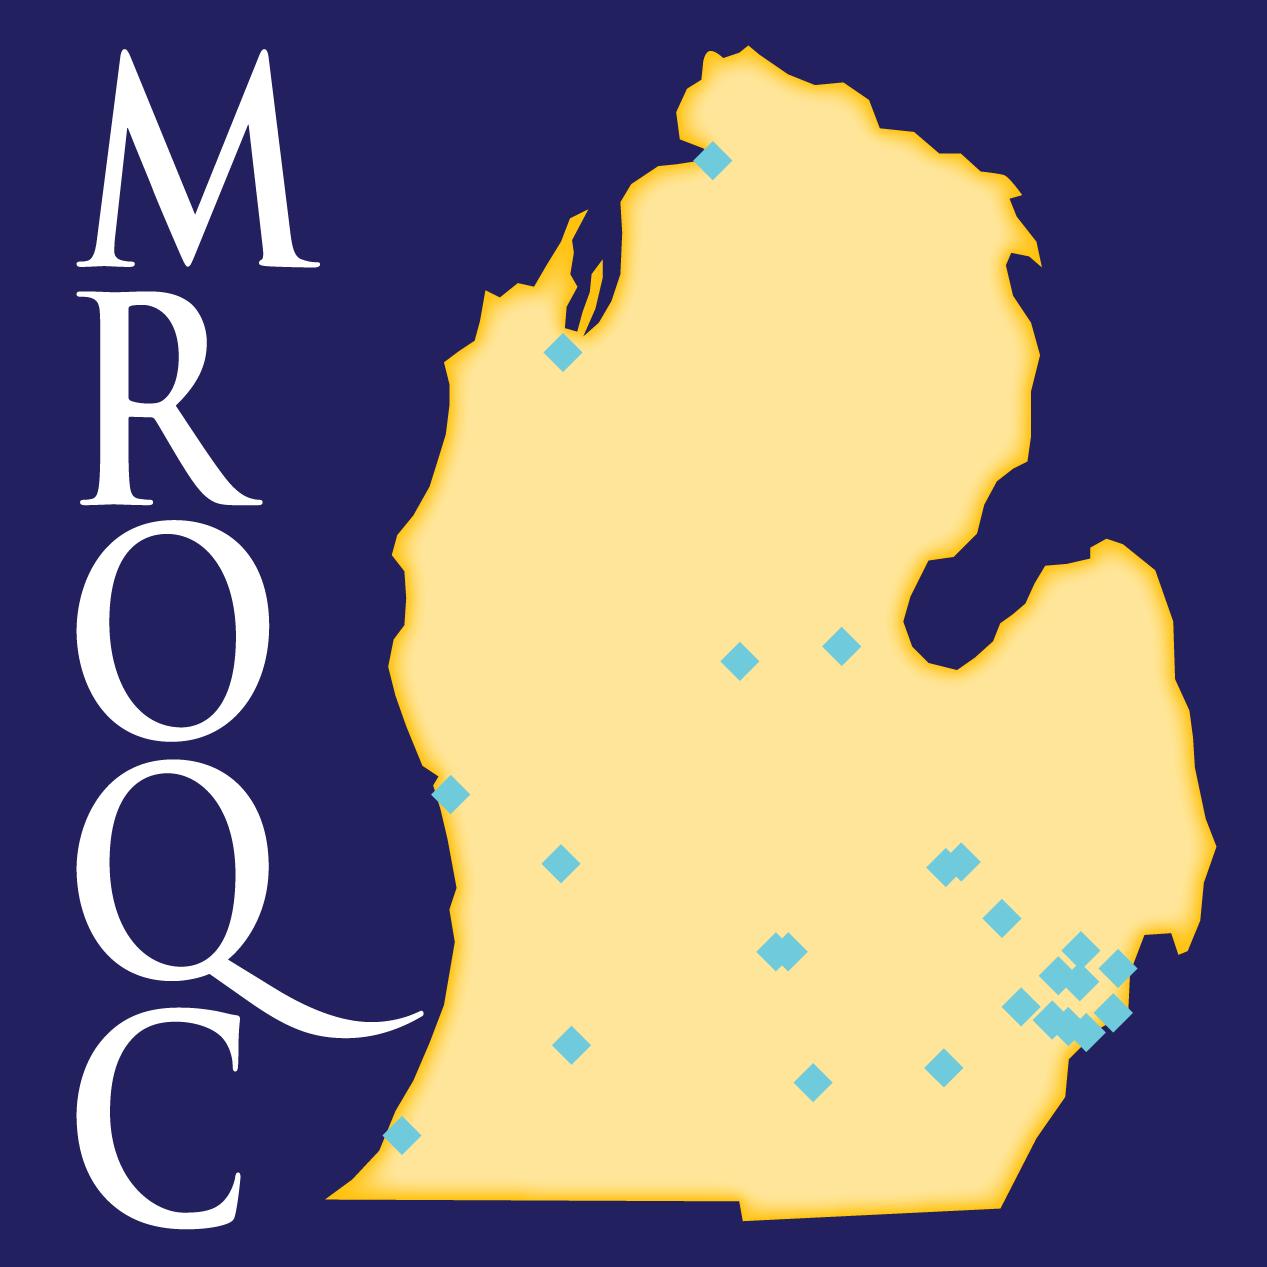 MROQC partners map